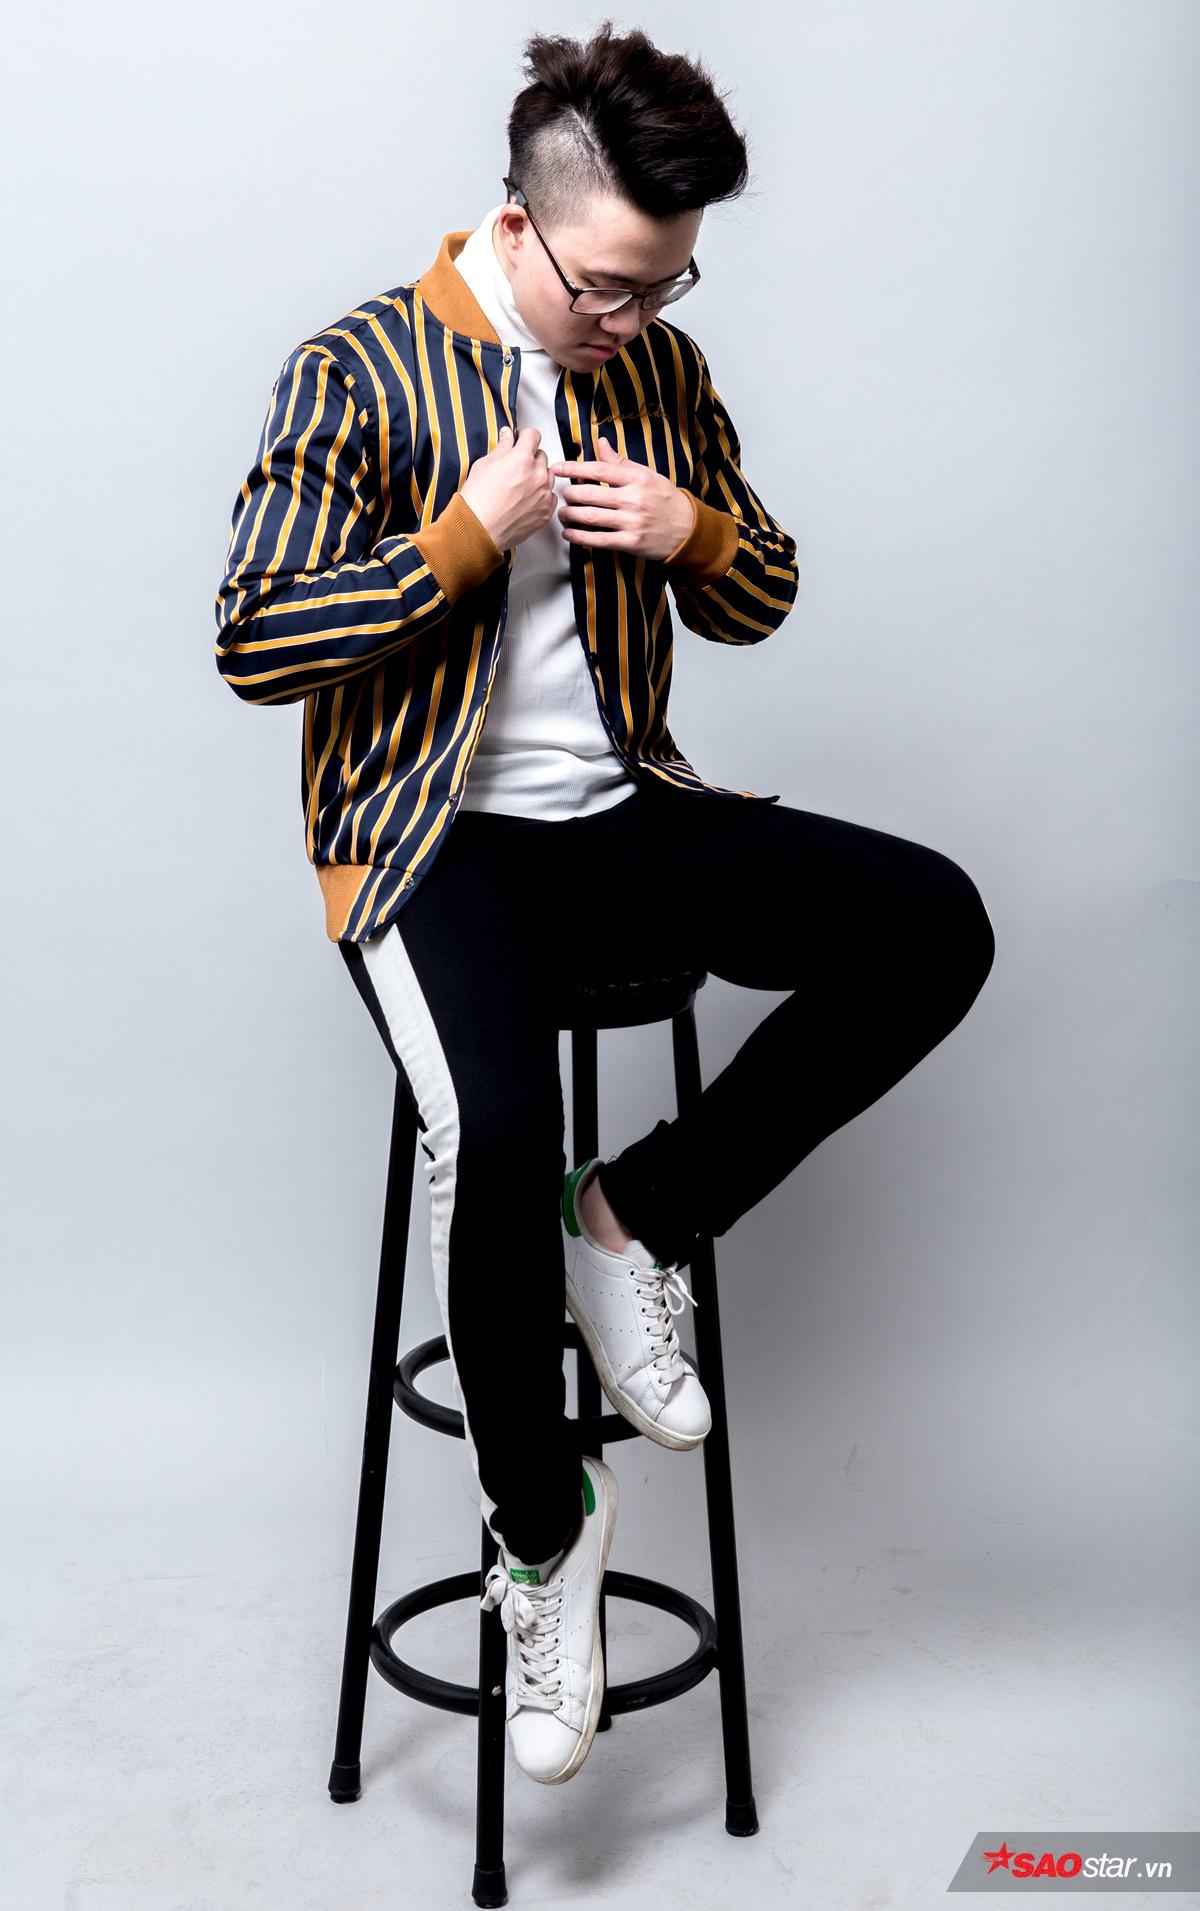 Thiện Hiếu luôn chọn màu trắng là tông chủ đạo cho outfit của mình. Chiếc áo bomber kẻ sọc vàng bắt mắt chính là điểm nhấn của trang phục. Quần kẻ sọc hot trend ngay lập tức thu hút sự chú ý của giọng ca Ông bà anh và Hiếu quyết định mang item này vào bộ đồ.